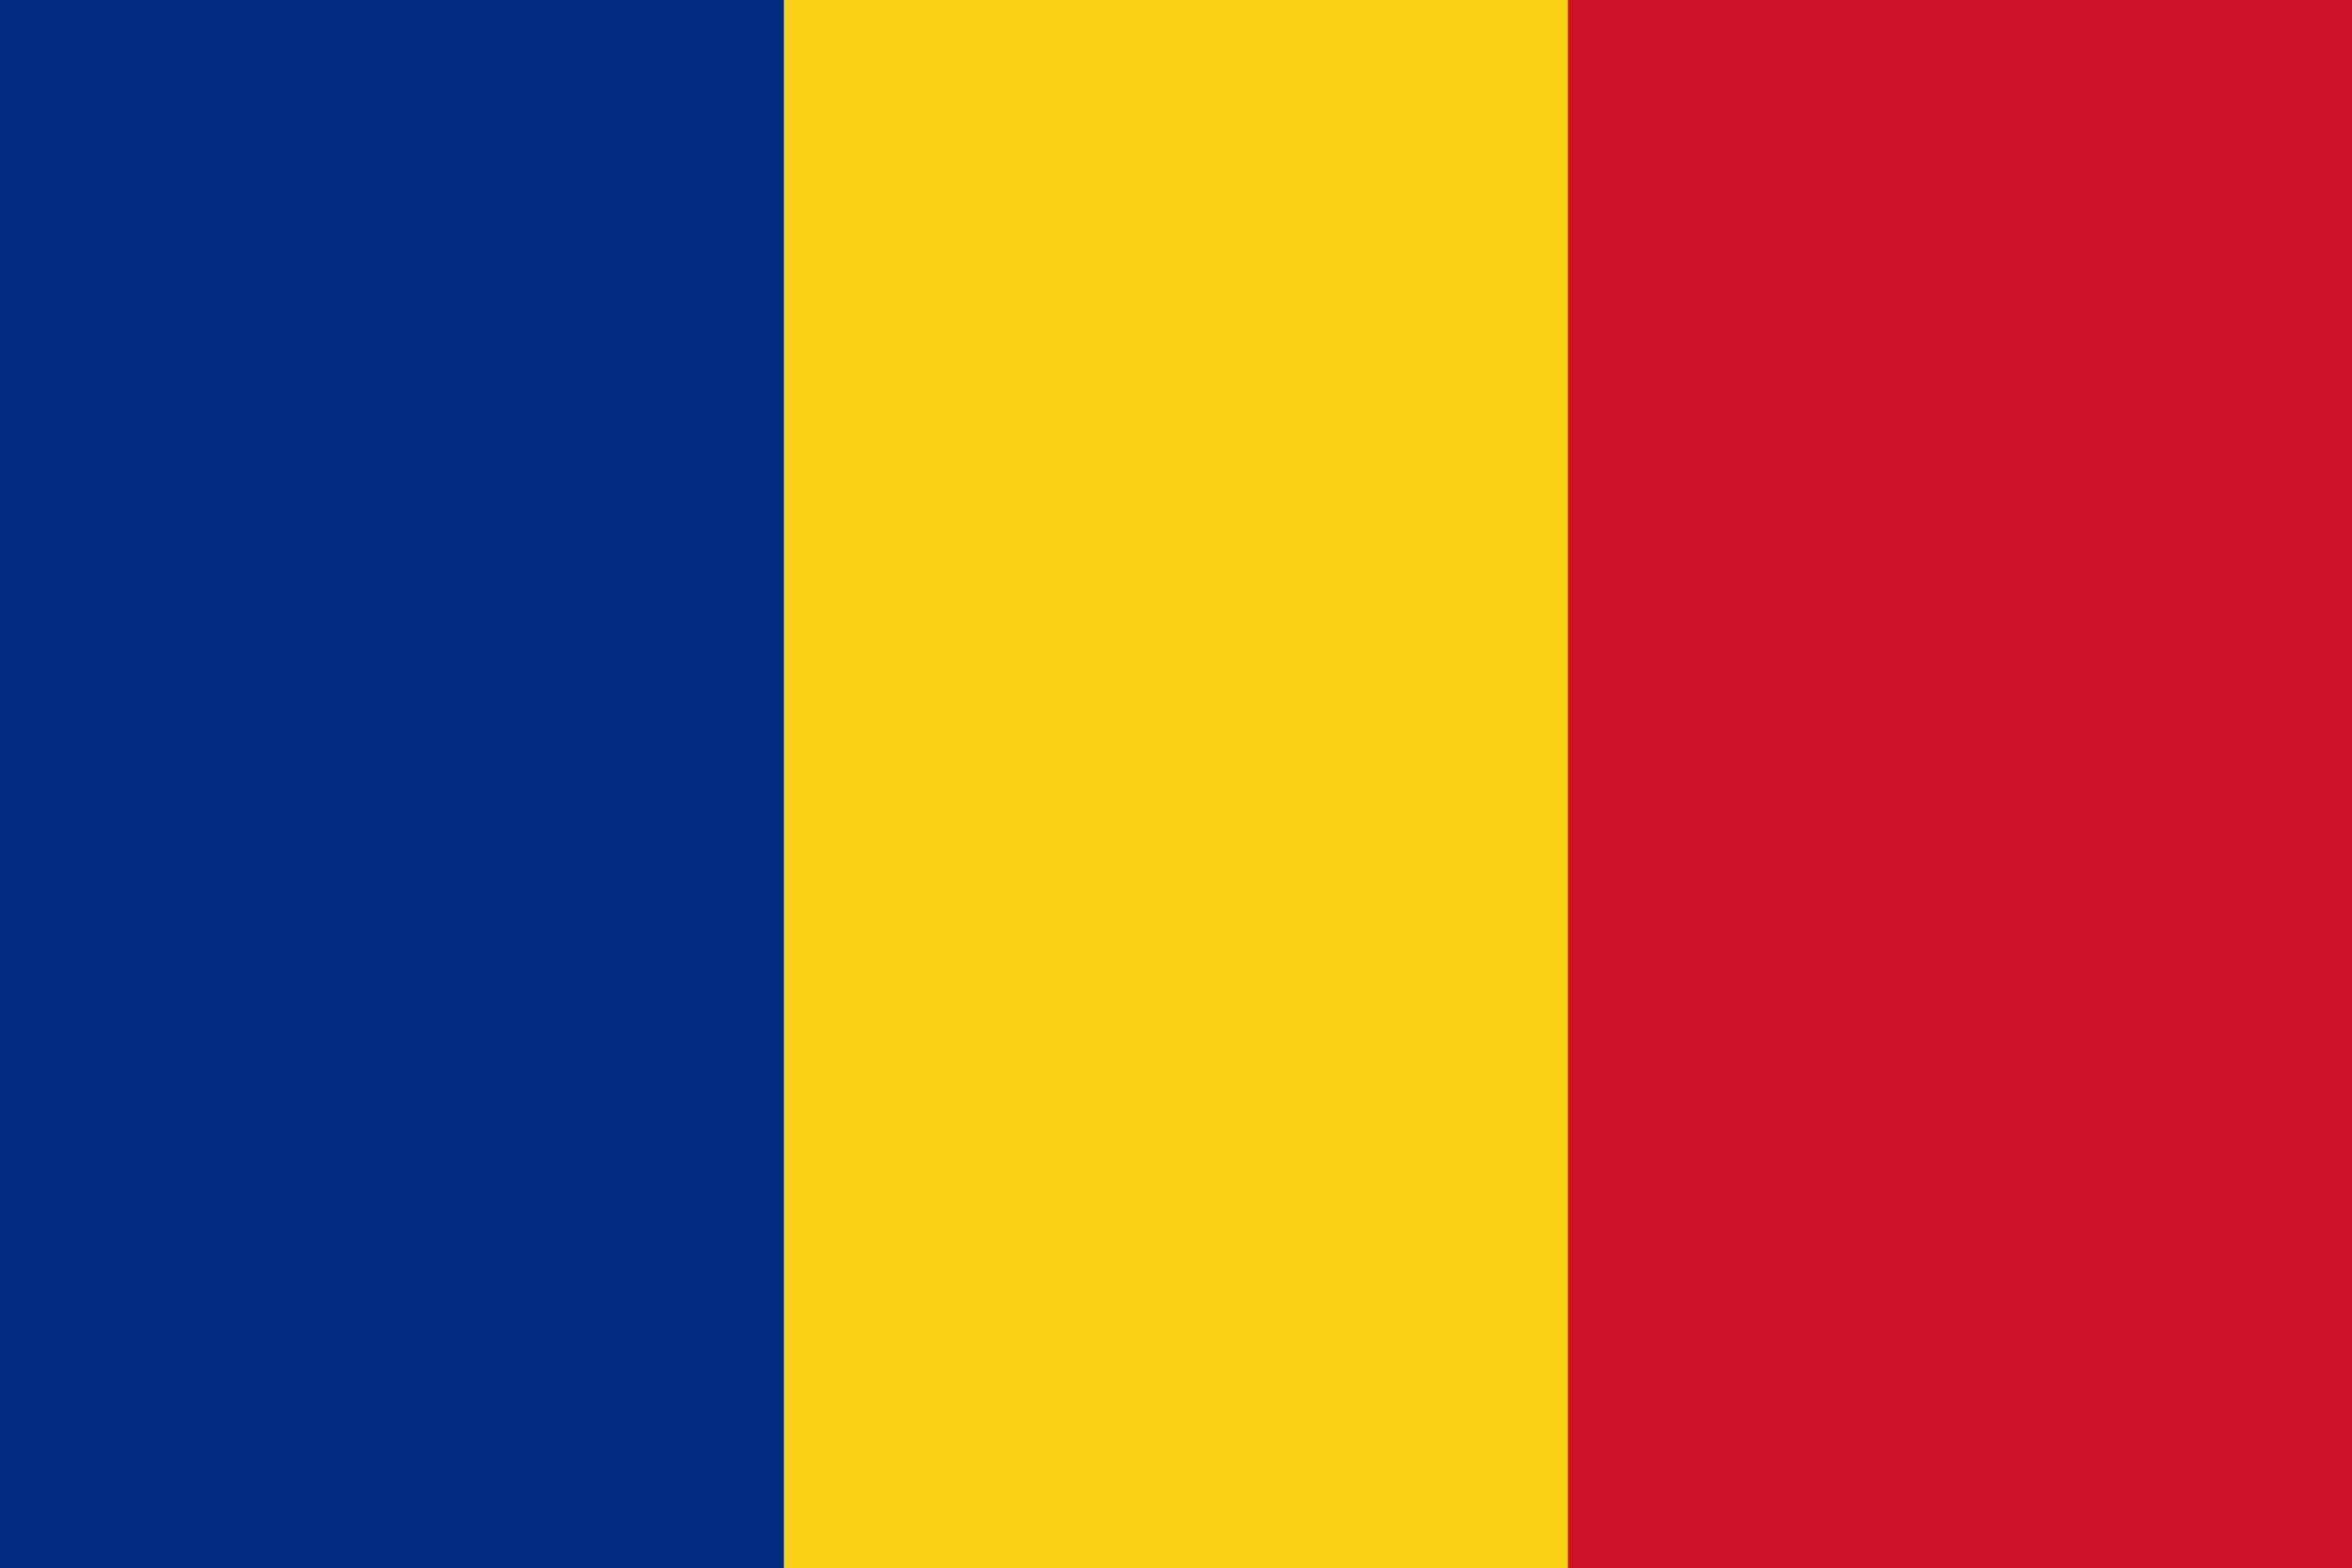 Румыния, страна, Эмблема, логотип, символ - Обои HD - Профессор falken.com